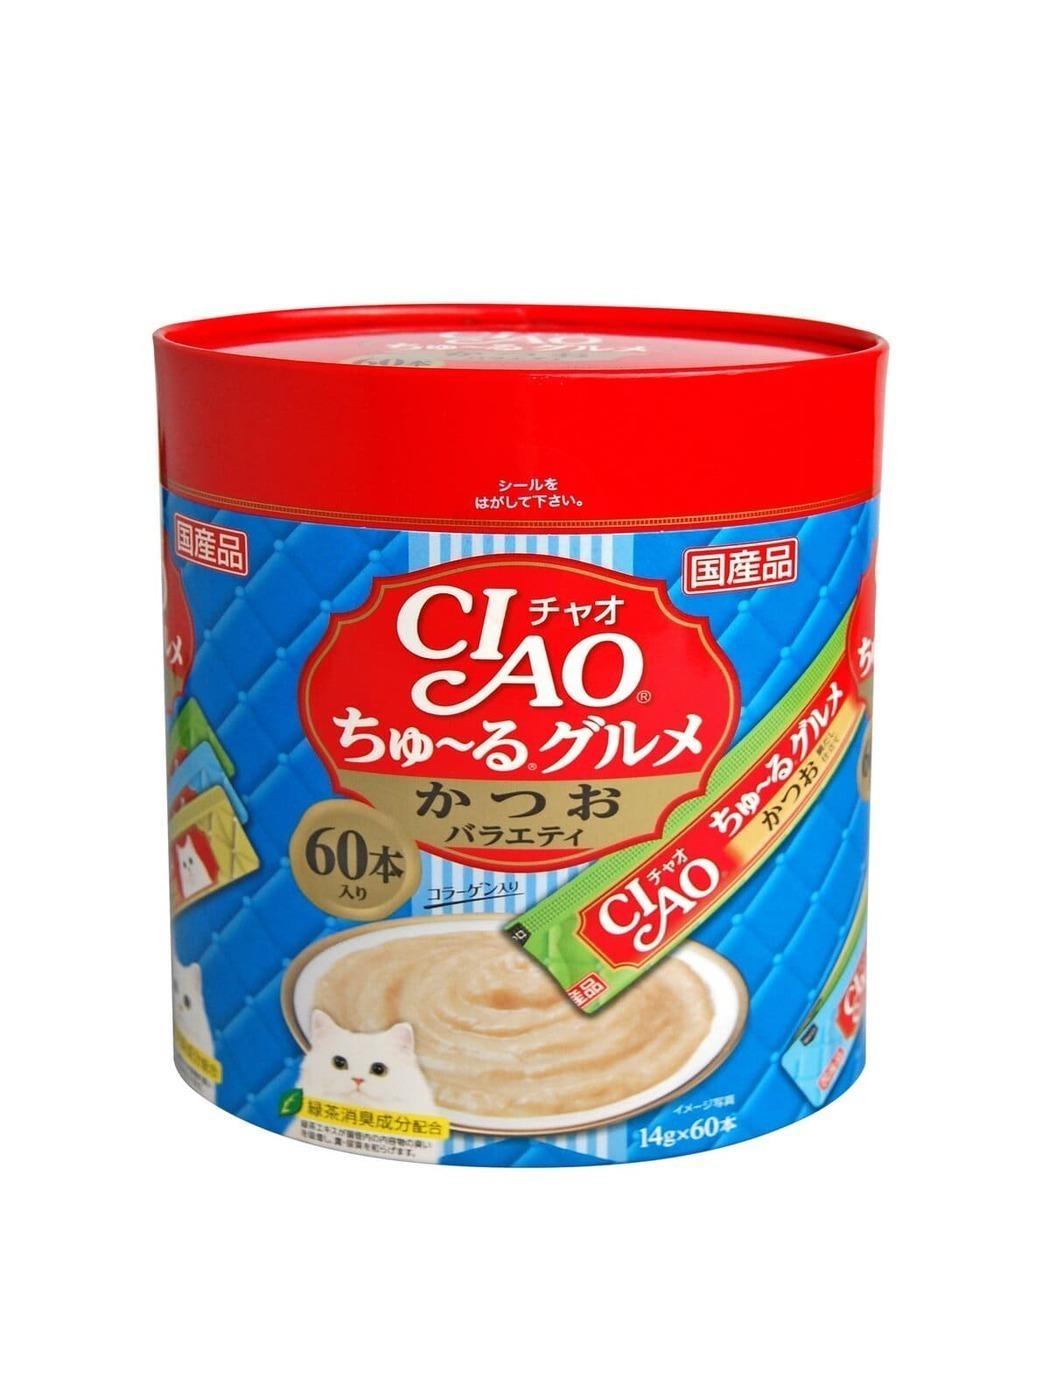 CIAO лакомство для кошек, ассорти из морских деликатесов на основе тунца 840 гр